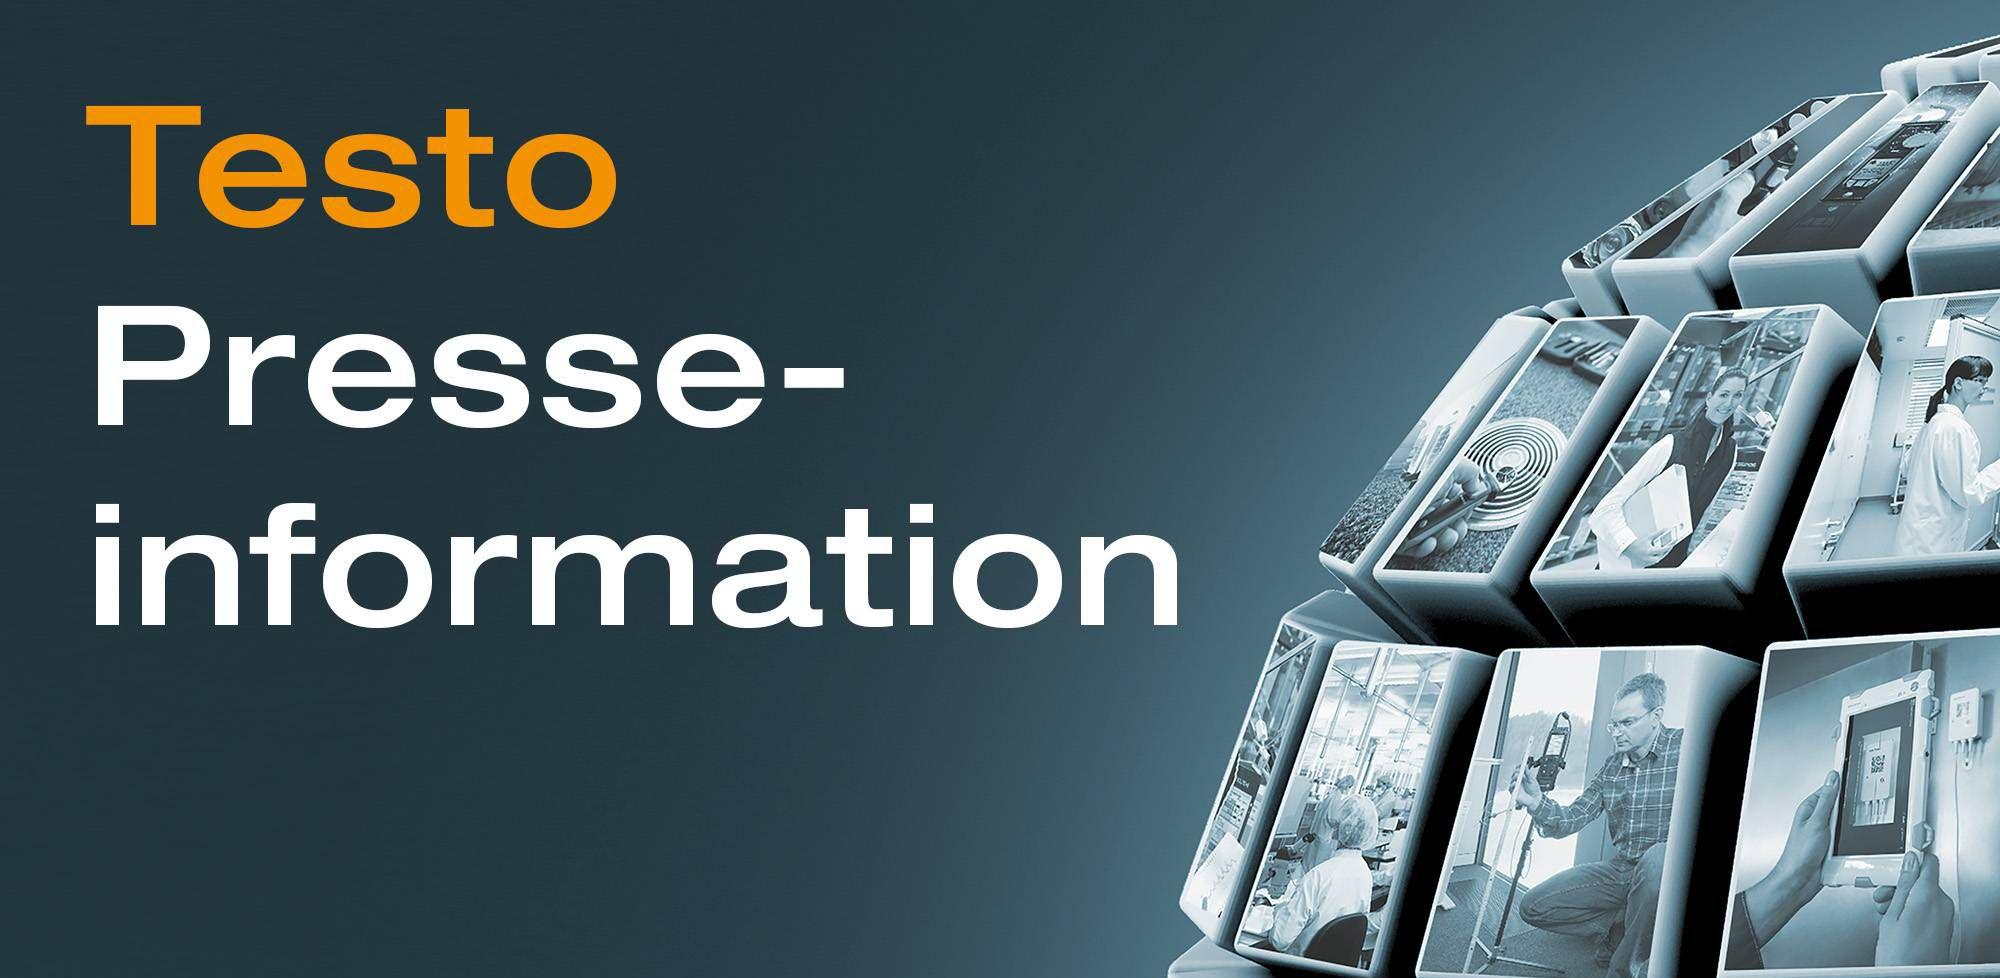 Testo_Presseinformation_V2.jpg